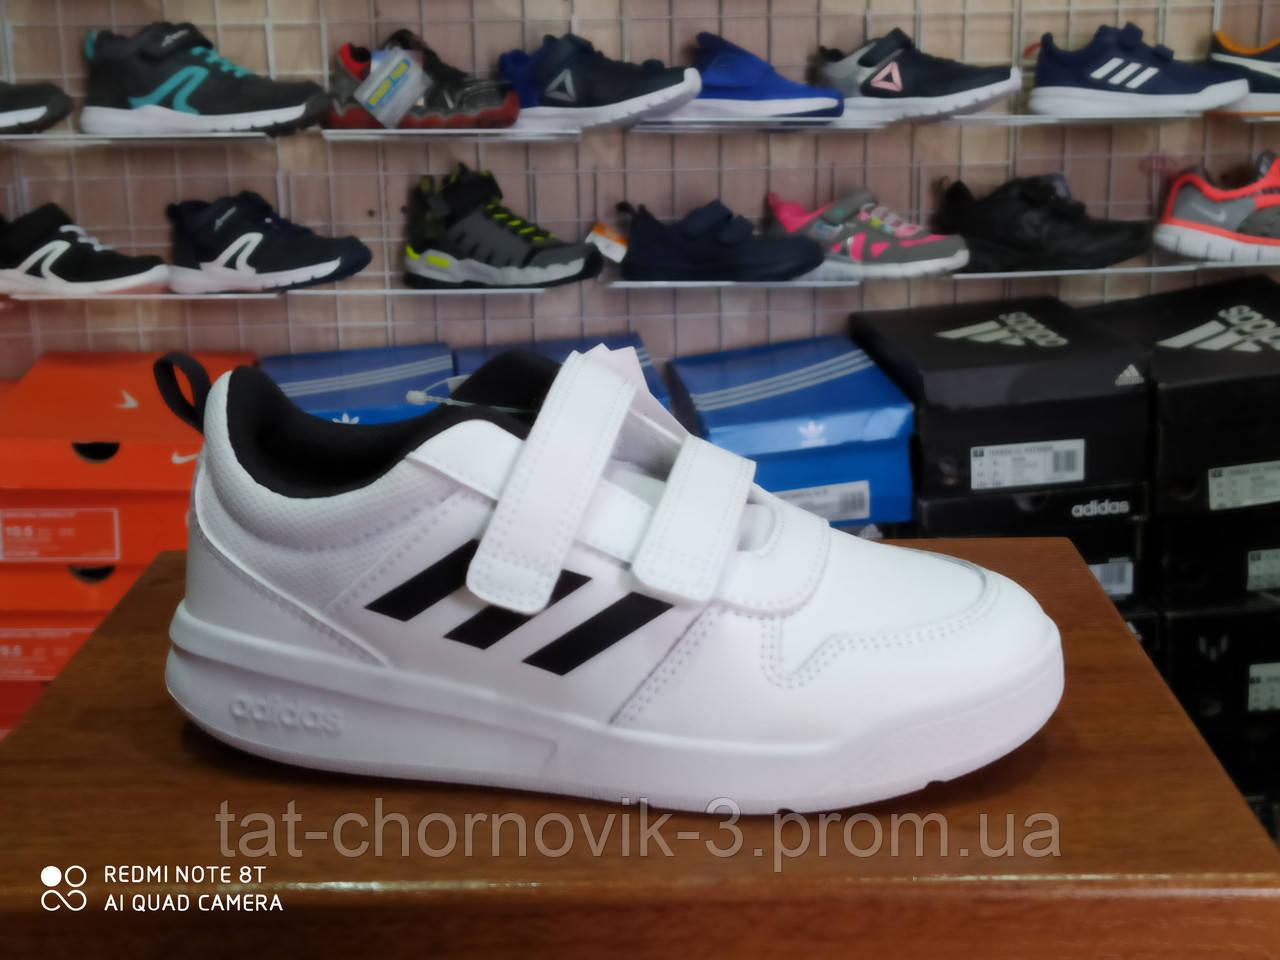 Кроссовки детские Adidas TENSAURUS C  art. EF1093